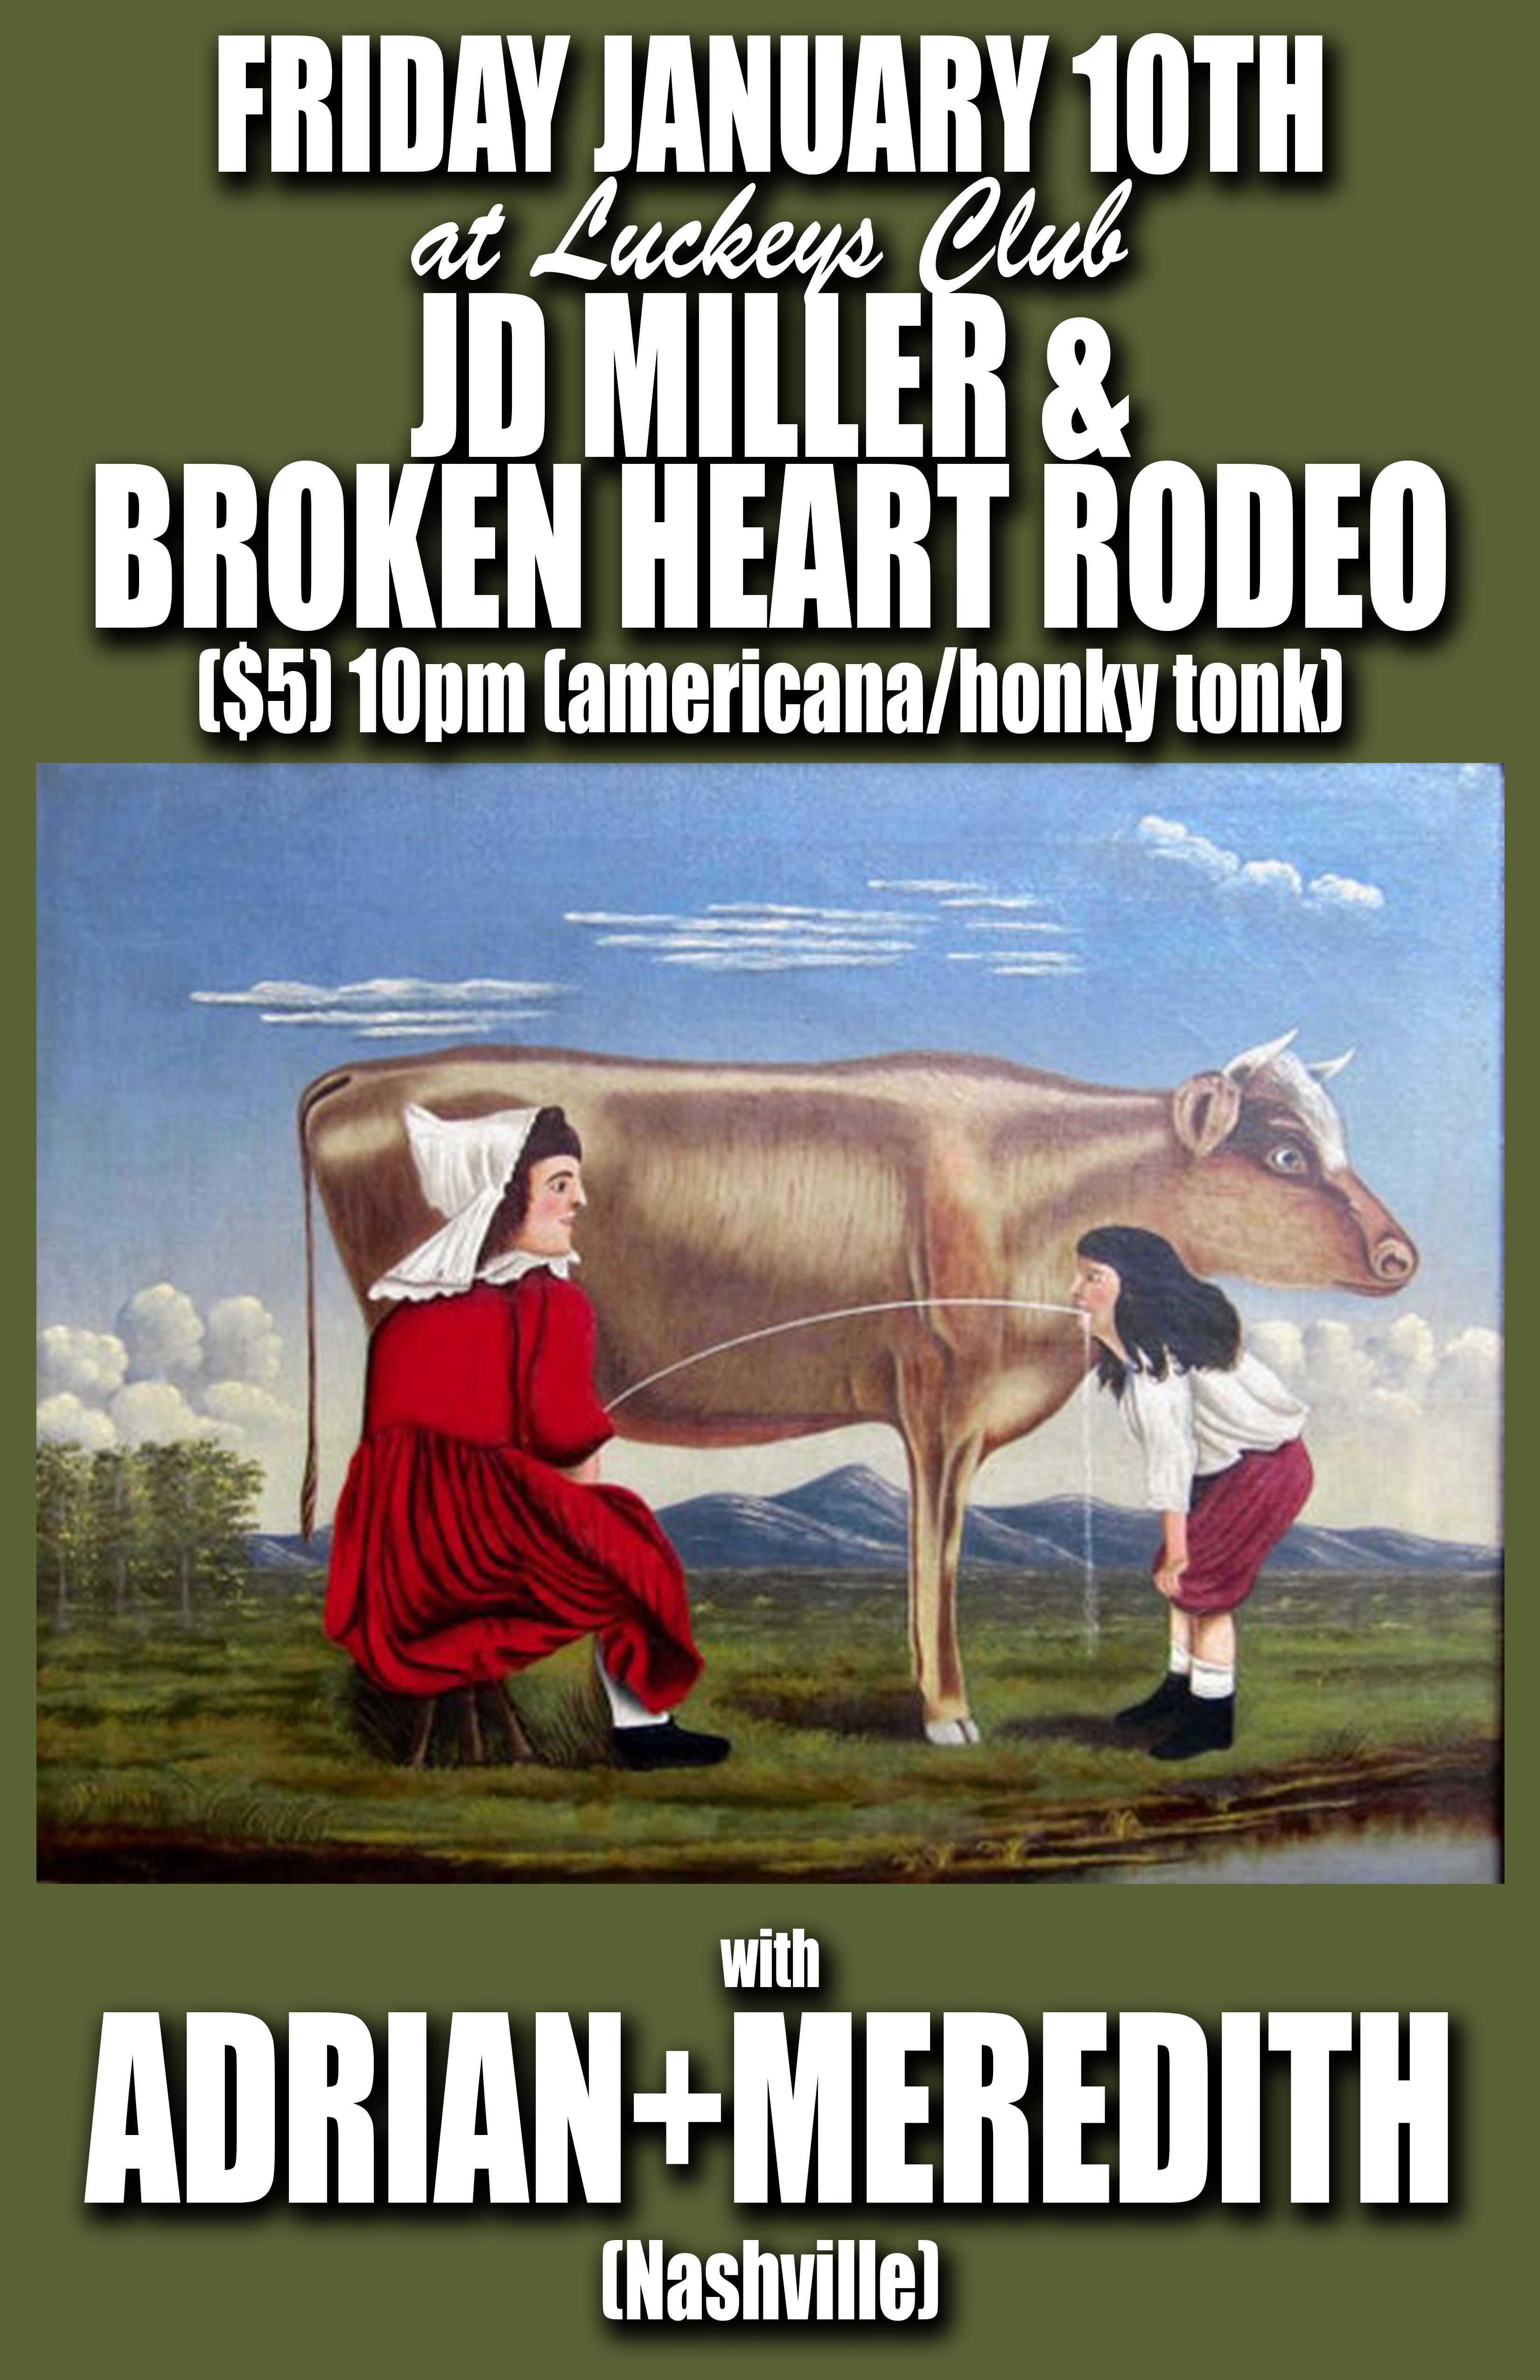 Adrian + Meredith (Nashville) and JD Miller's Broken Heart Rodeo